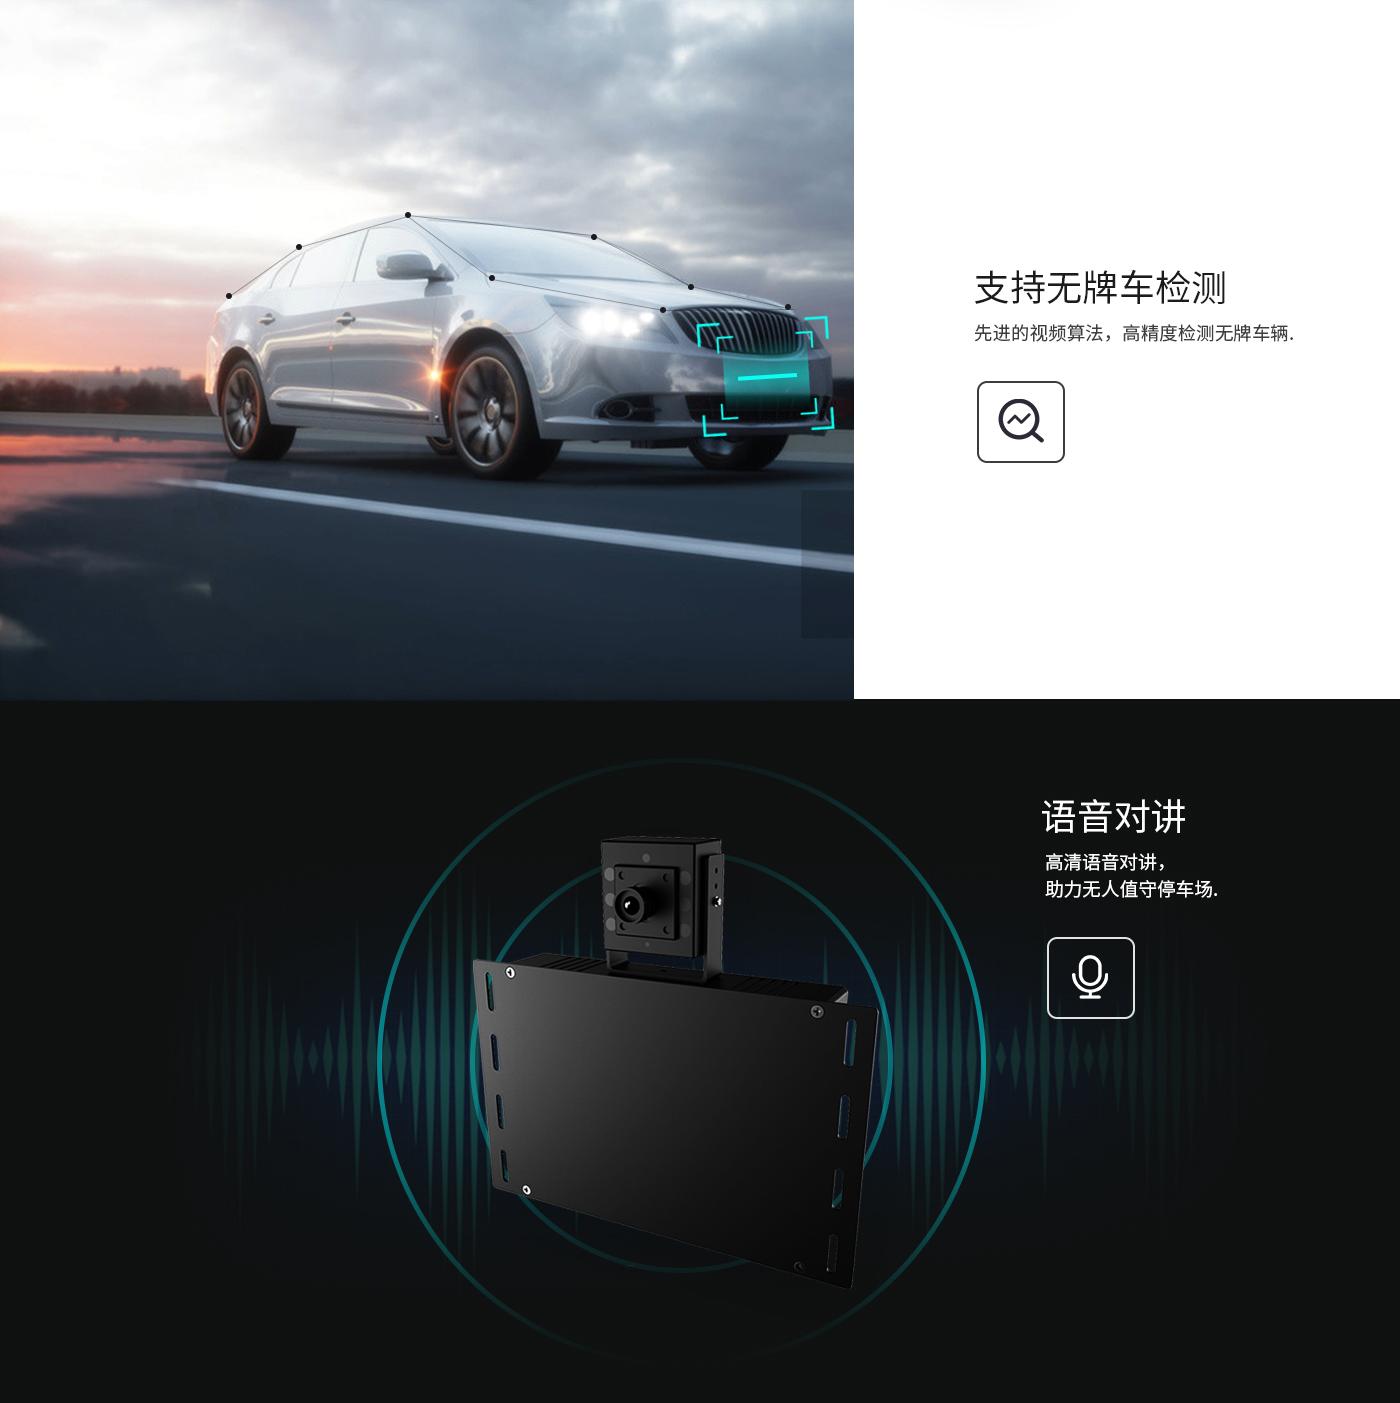 VBOX 海纳系列车牌识别广告盒4.jpg